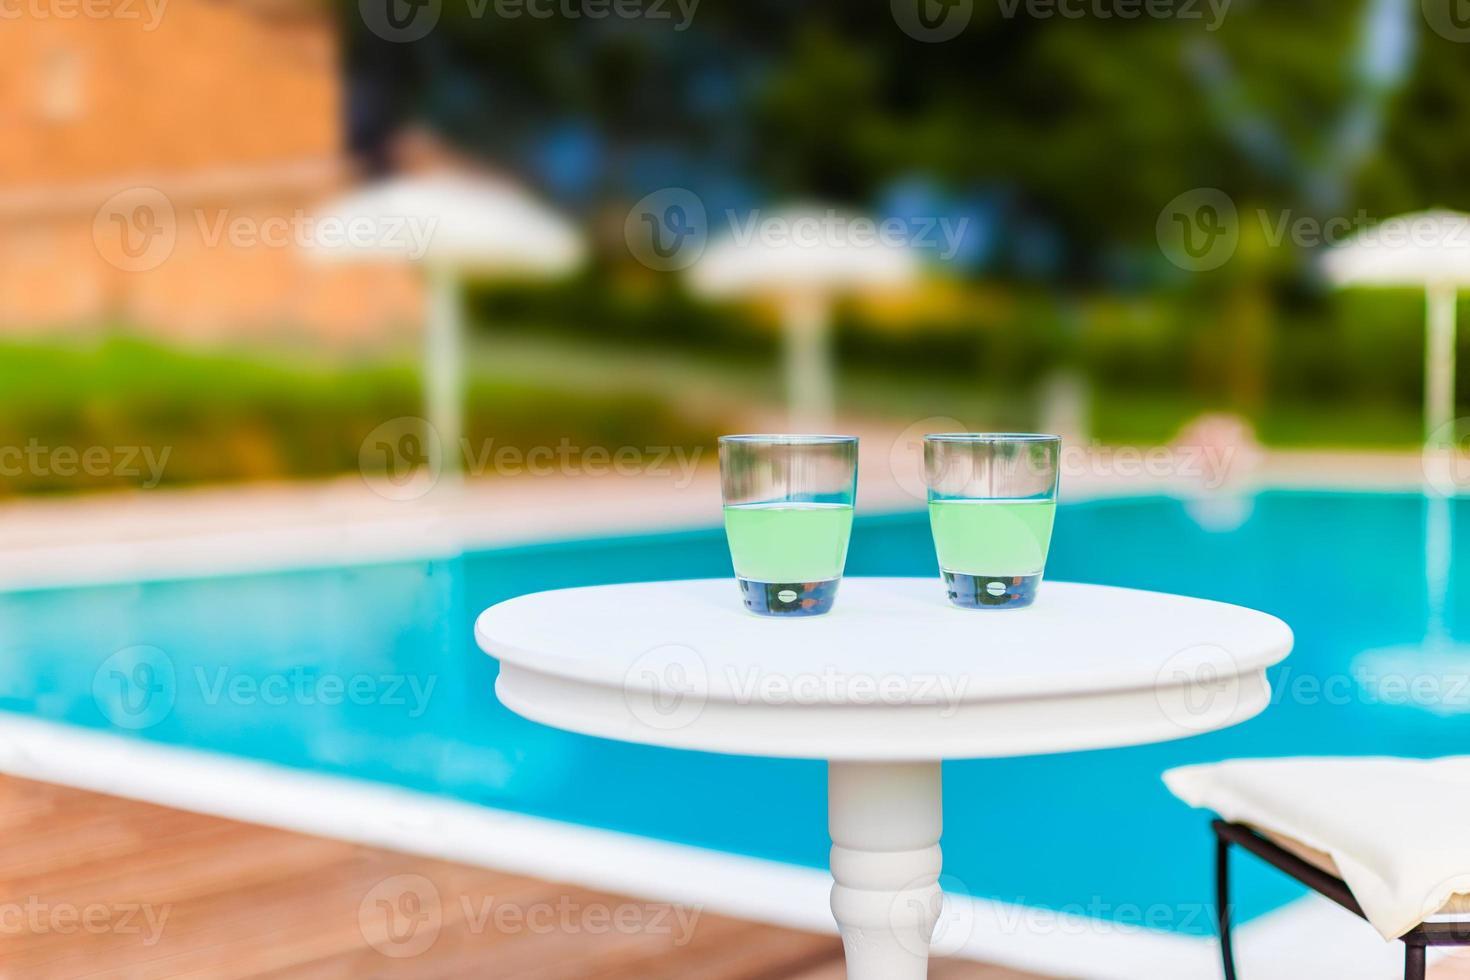 deux verres sur une table photo